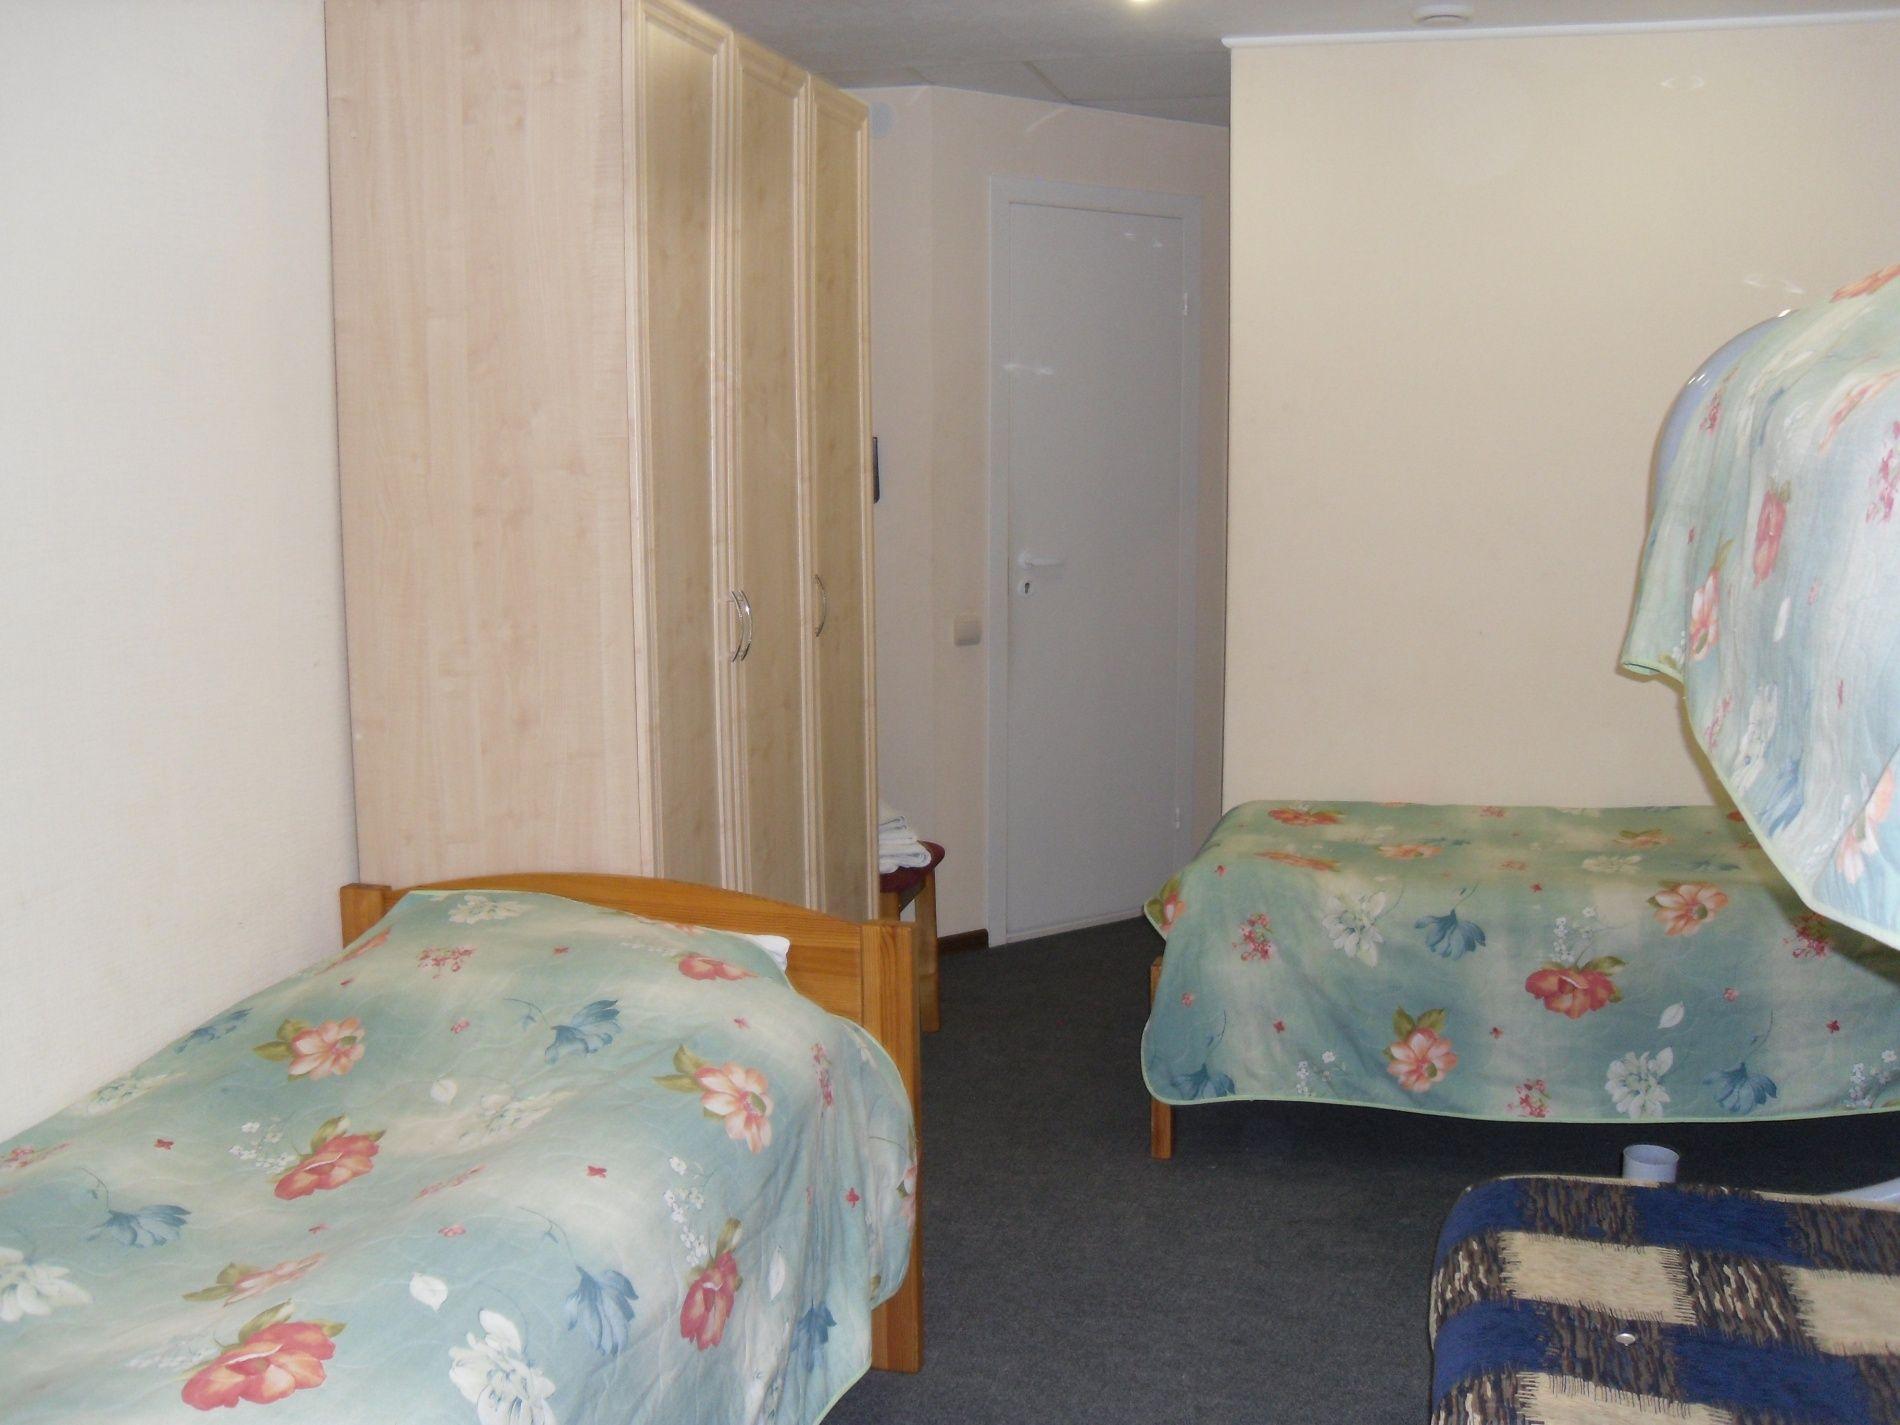 Туристический комплекс «Мирная Пристань» Ивановская область 1-комнатный 4-местный номер 1 категории (№ 3), фото 7